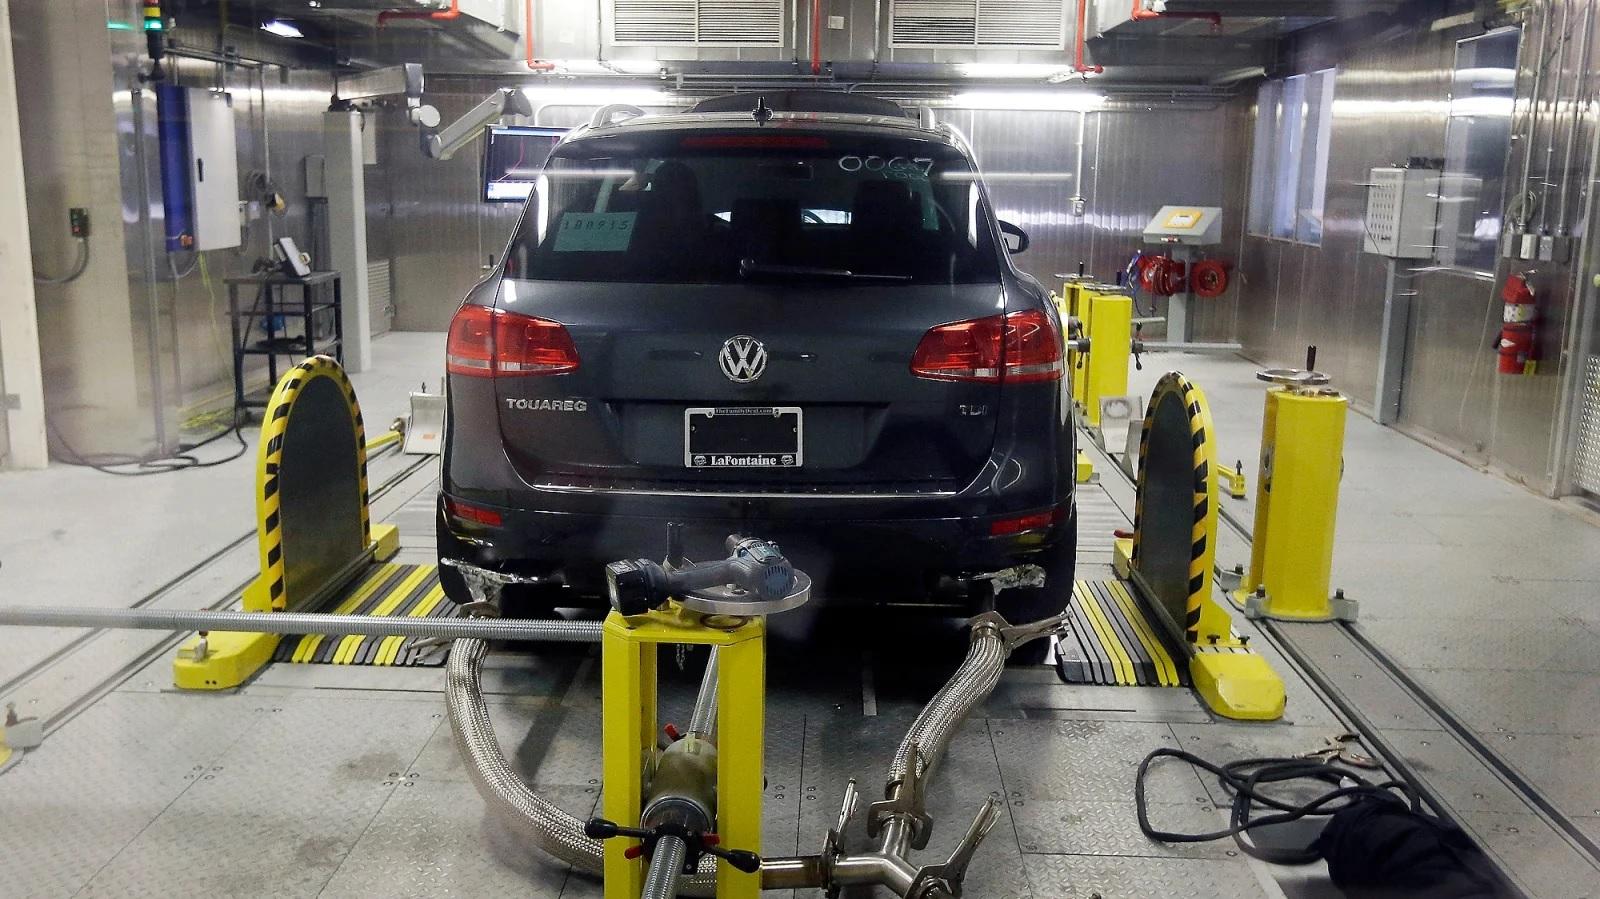 Водоотделитель на топливном фильтре дизеля помогает избежать проблем с двигателем